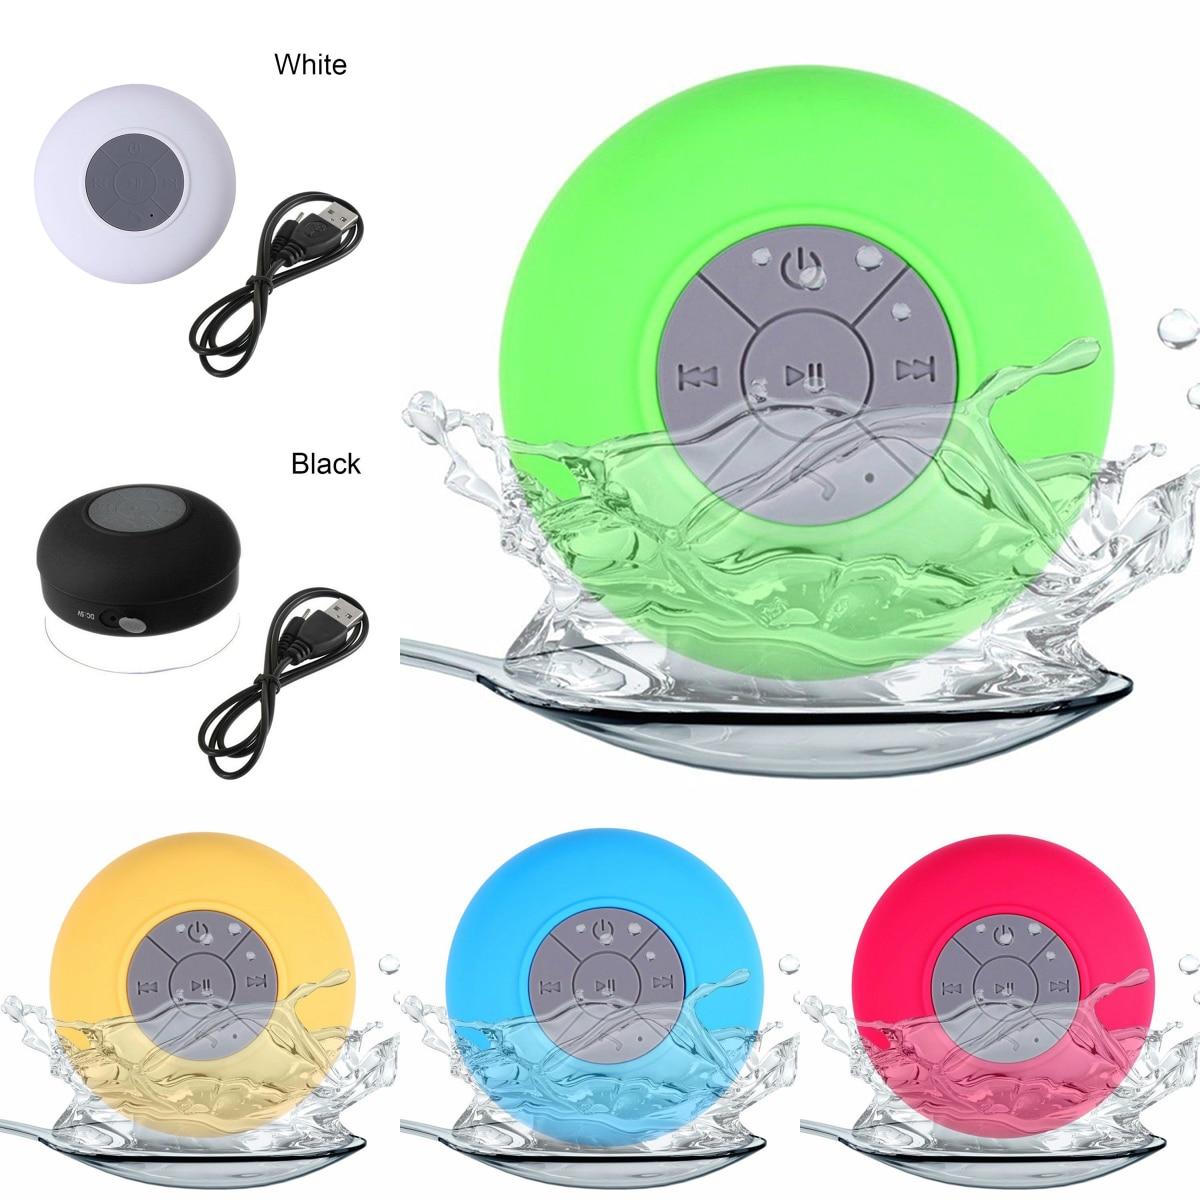 Minialtavoz portátil inalámbrico con Bluetooth, Altavoz resistente al agua, manos libres, sonido...